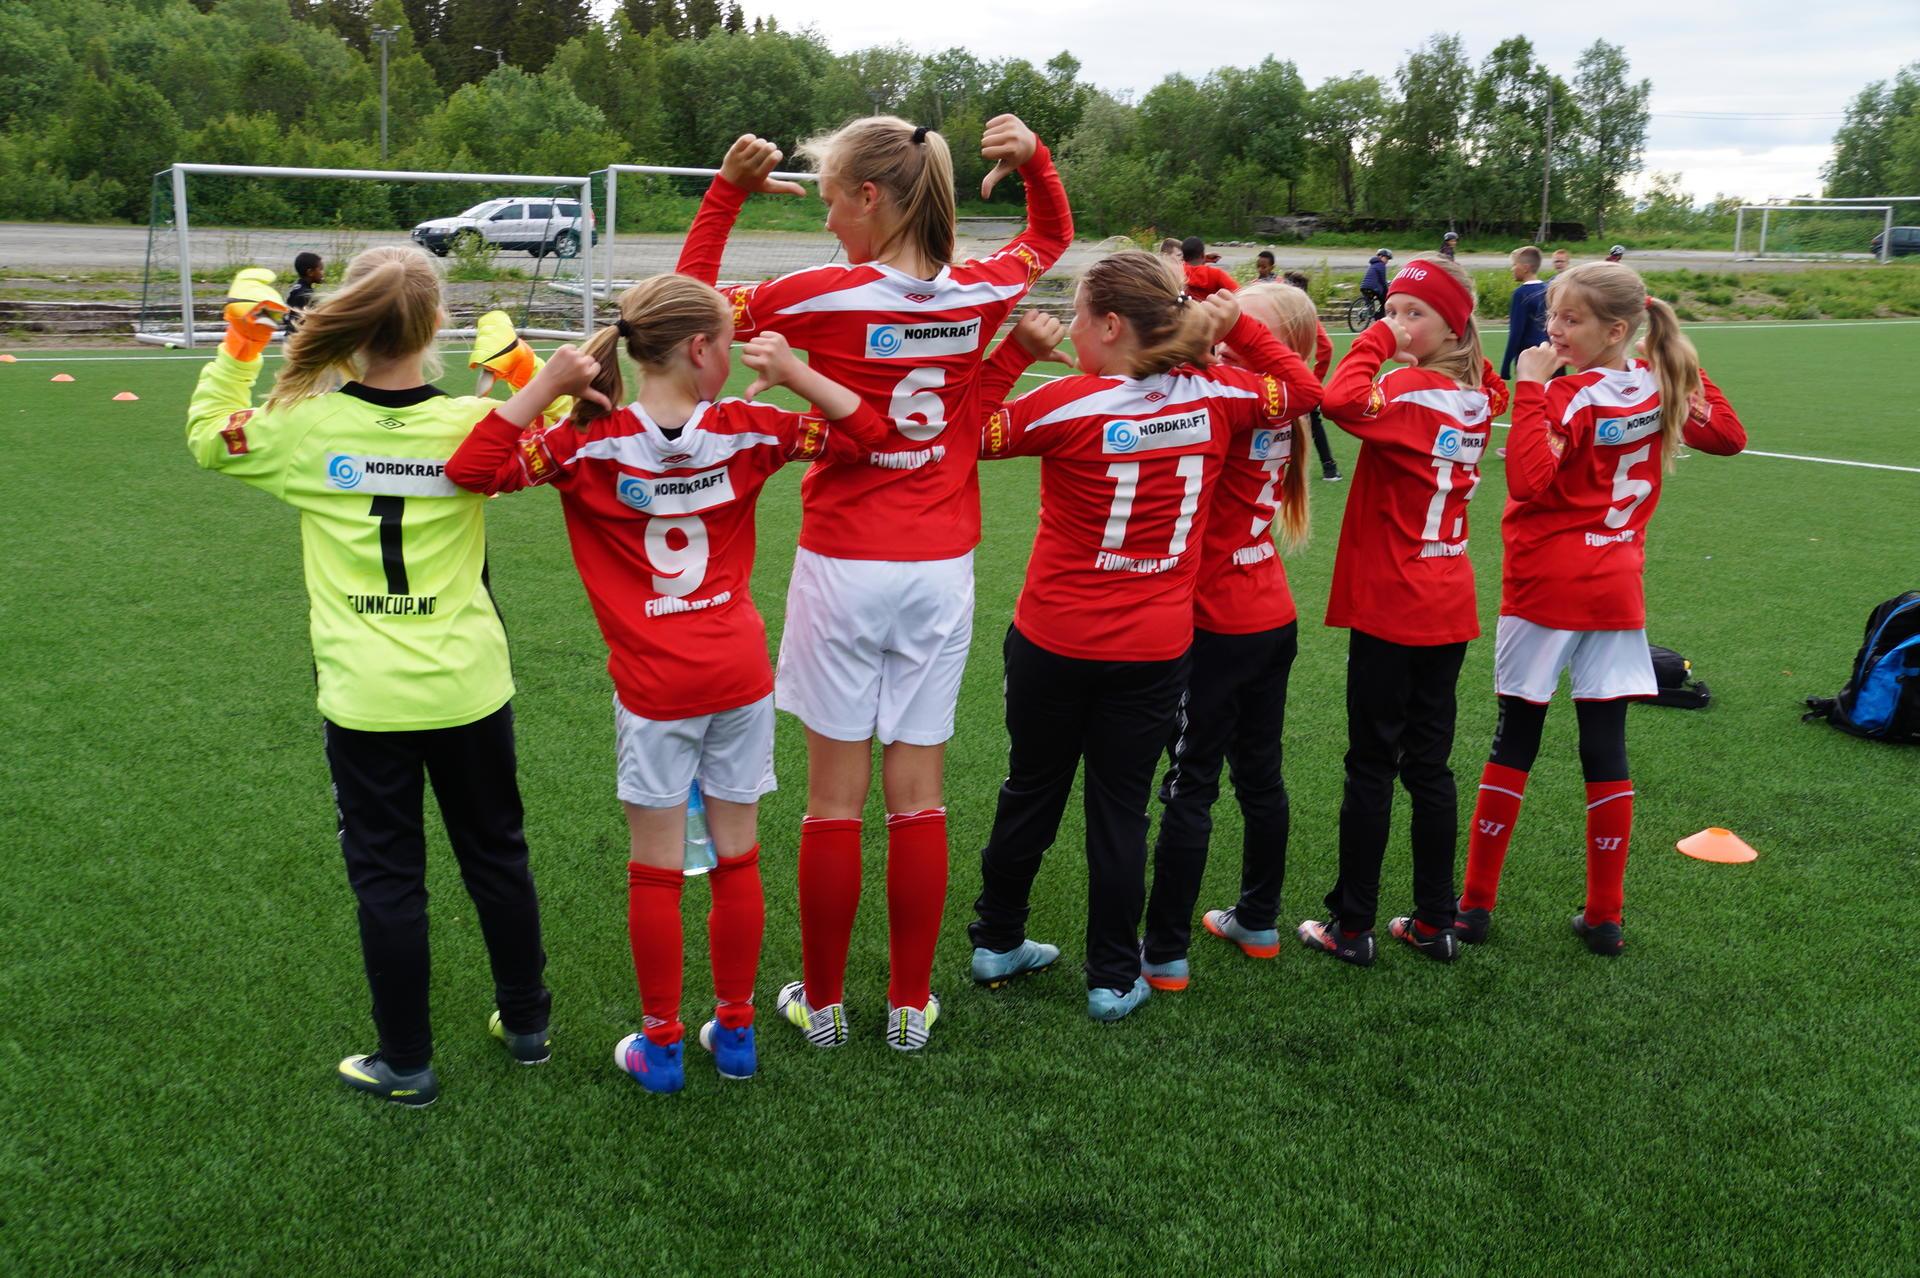 Unge forballspillere fra FK Mjølner